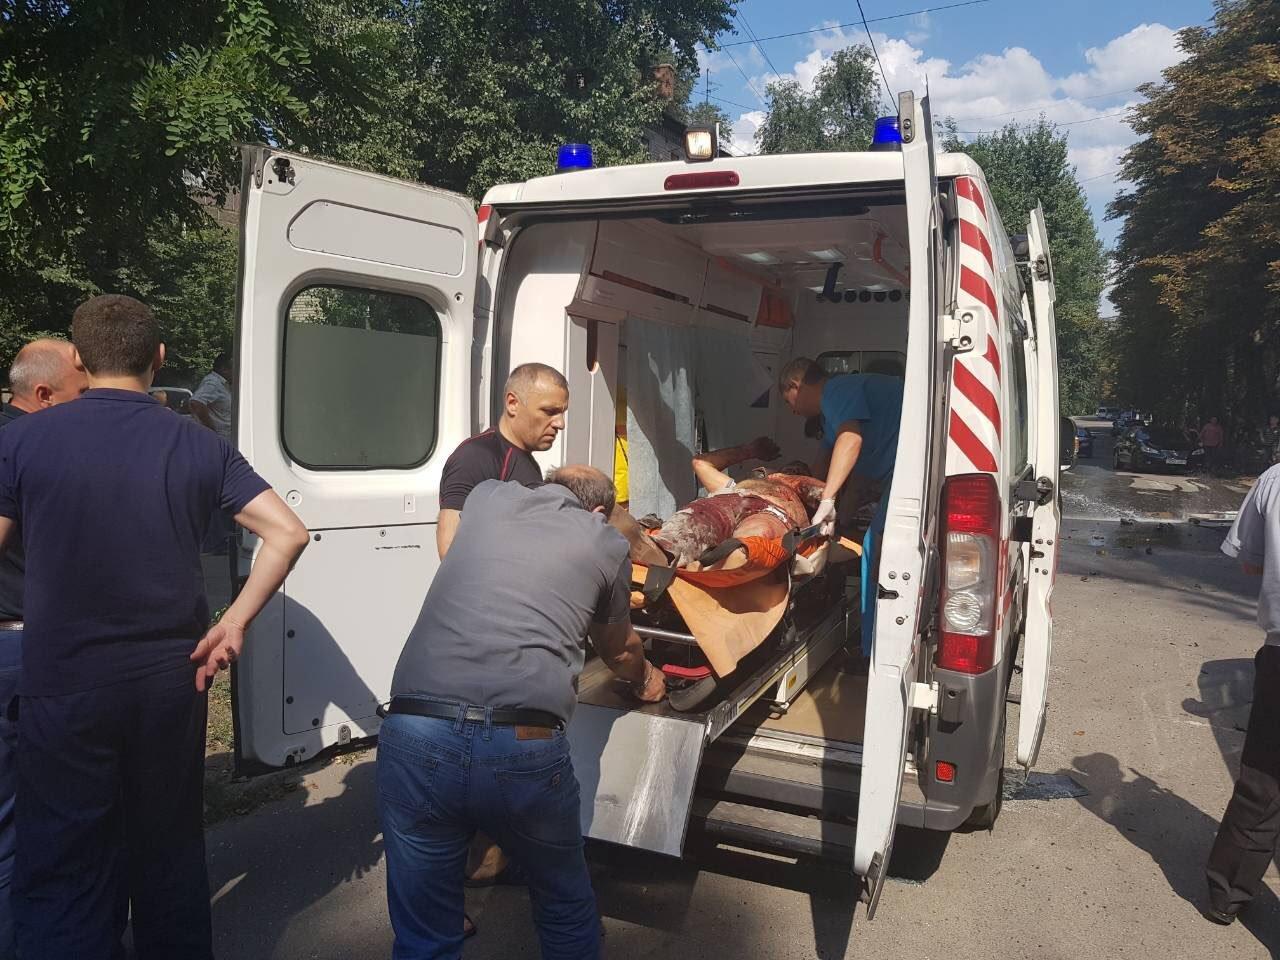 «Ему предстоит ещё не одна операция», - что известно о состоянии Виталия Чернявского, пострадавшего от взрыва, фото-1